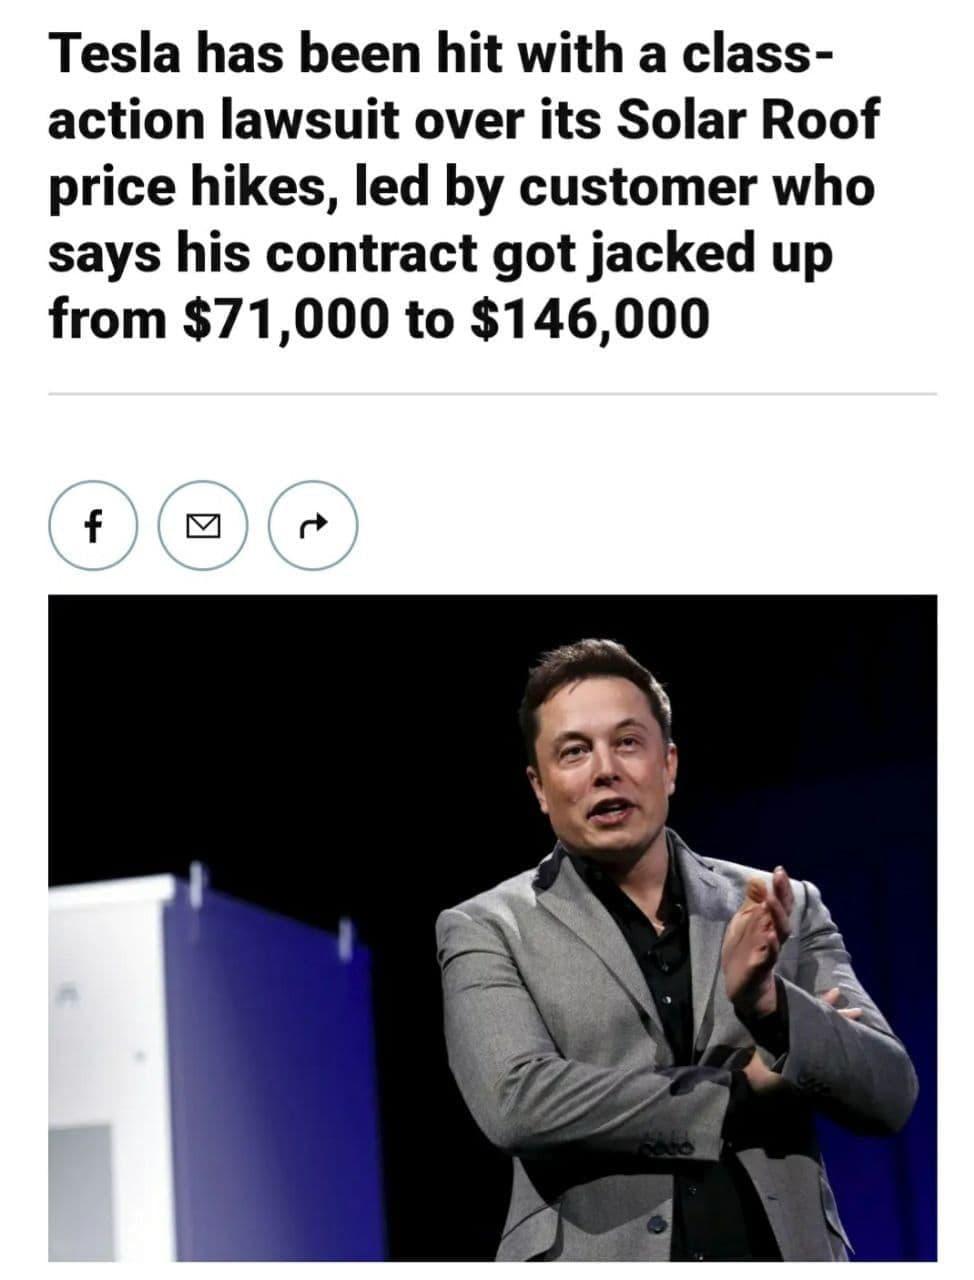 تسلا به علت افزایش قیمت در قرارداد پنل های خورشیدی متهم شده است